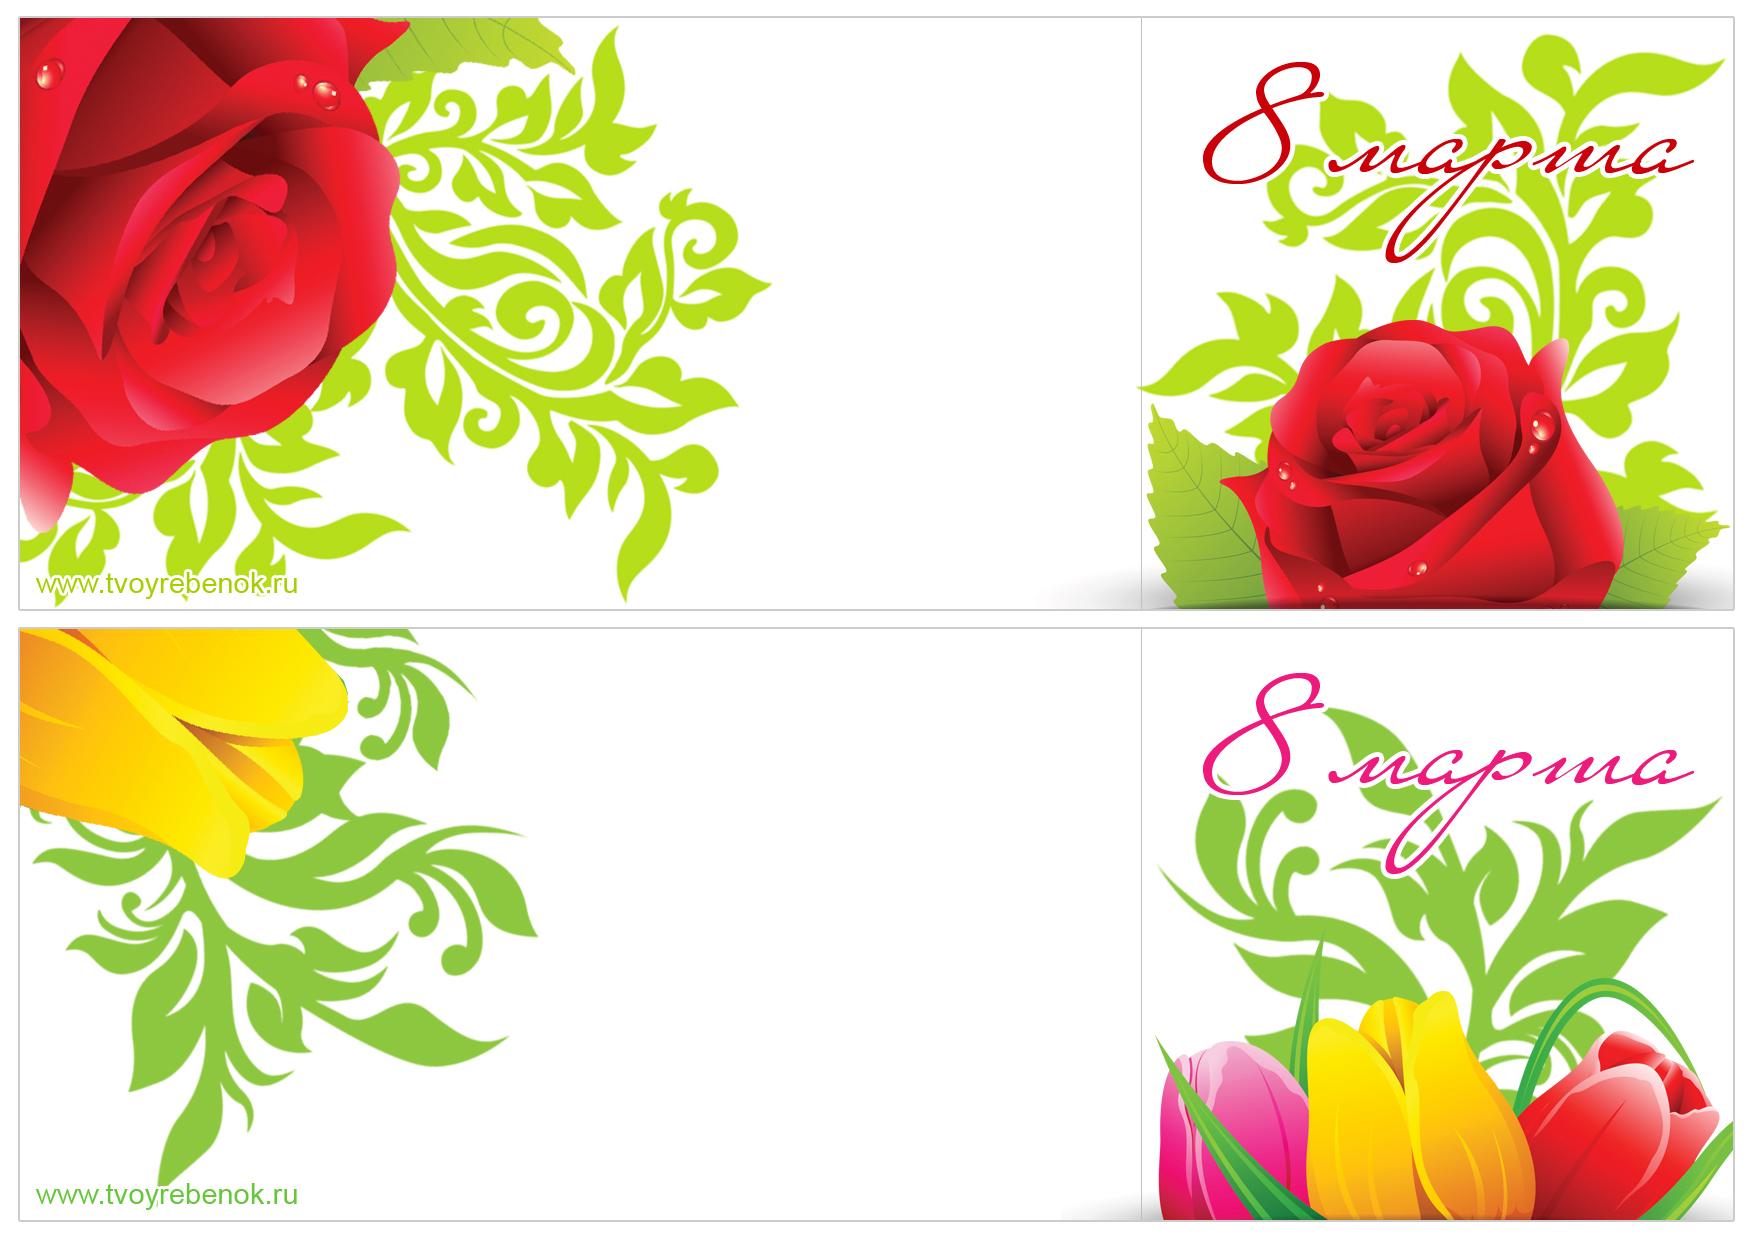 ОТКРЫТКИ К 8 МАРТА / Цветные открытки ...: www.tvoyrebenok.ru/cvetnye-otkrytki-na-8-marta.shtml